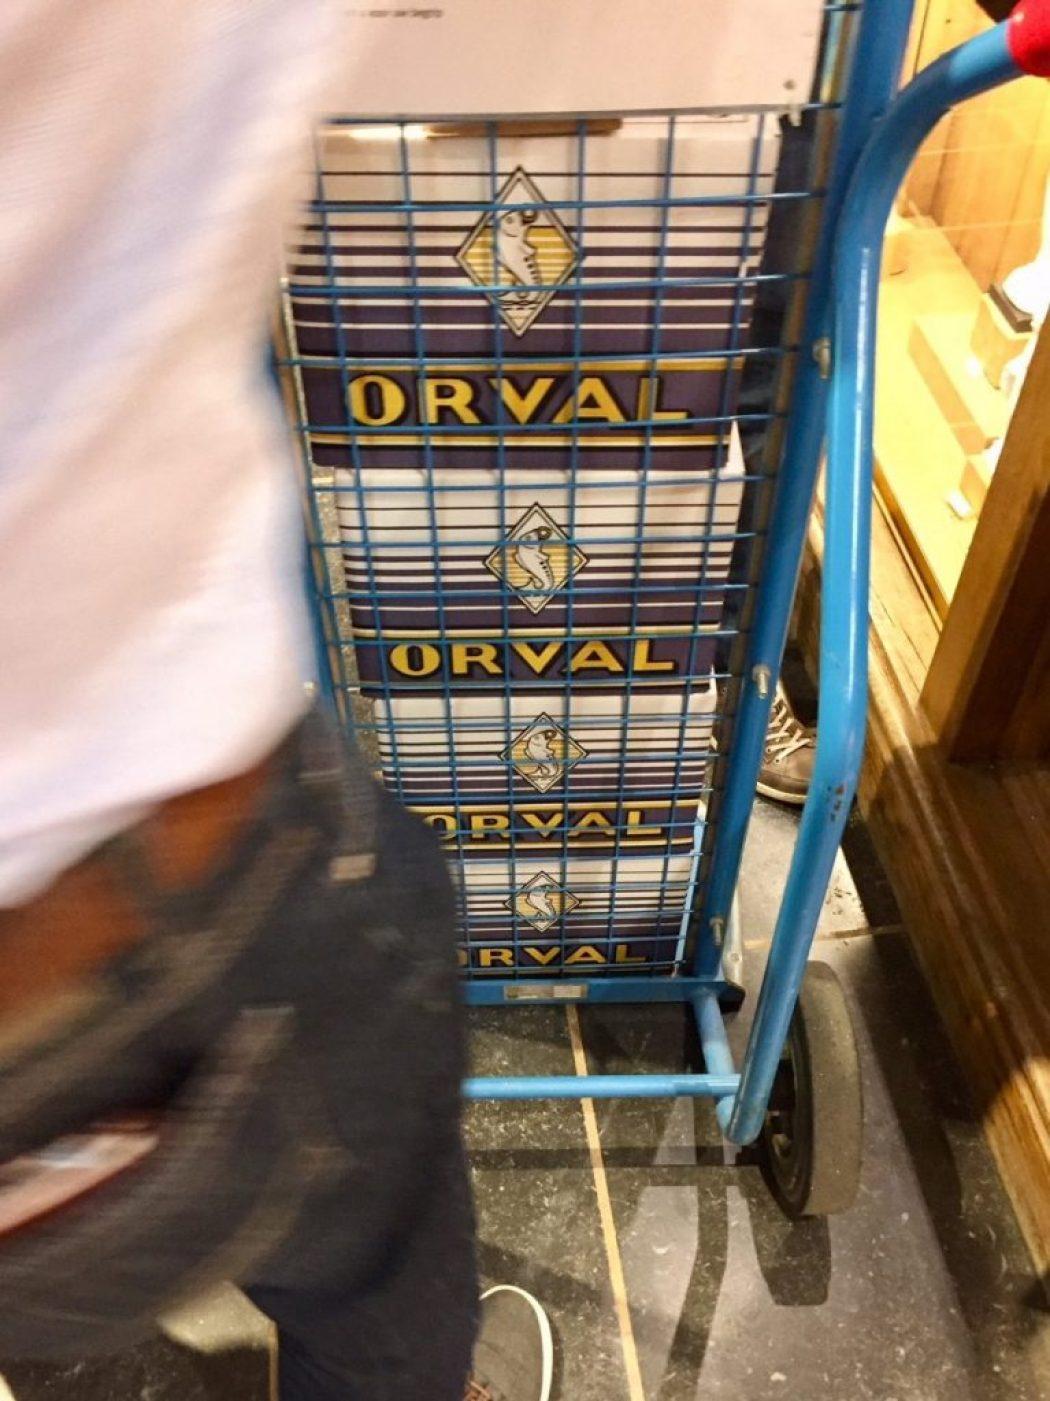 kloster orval bier in kisten